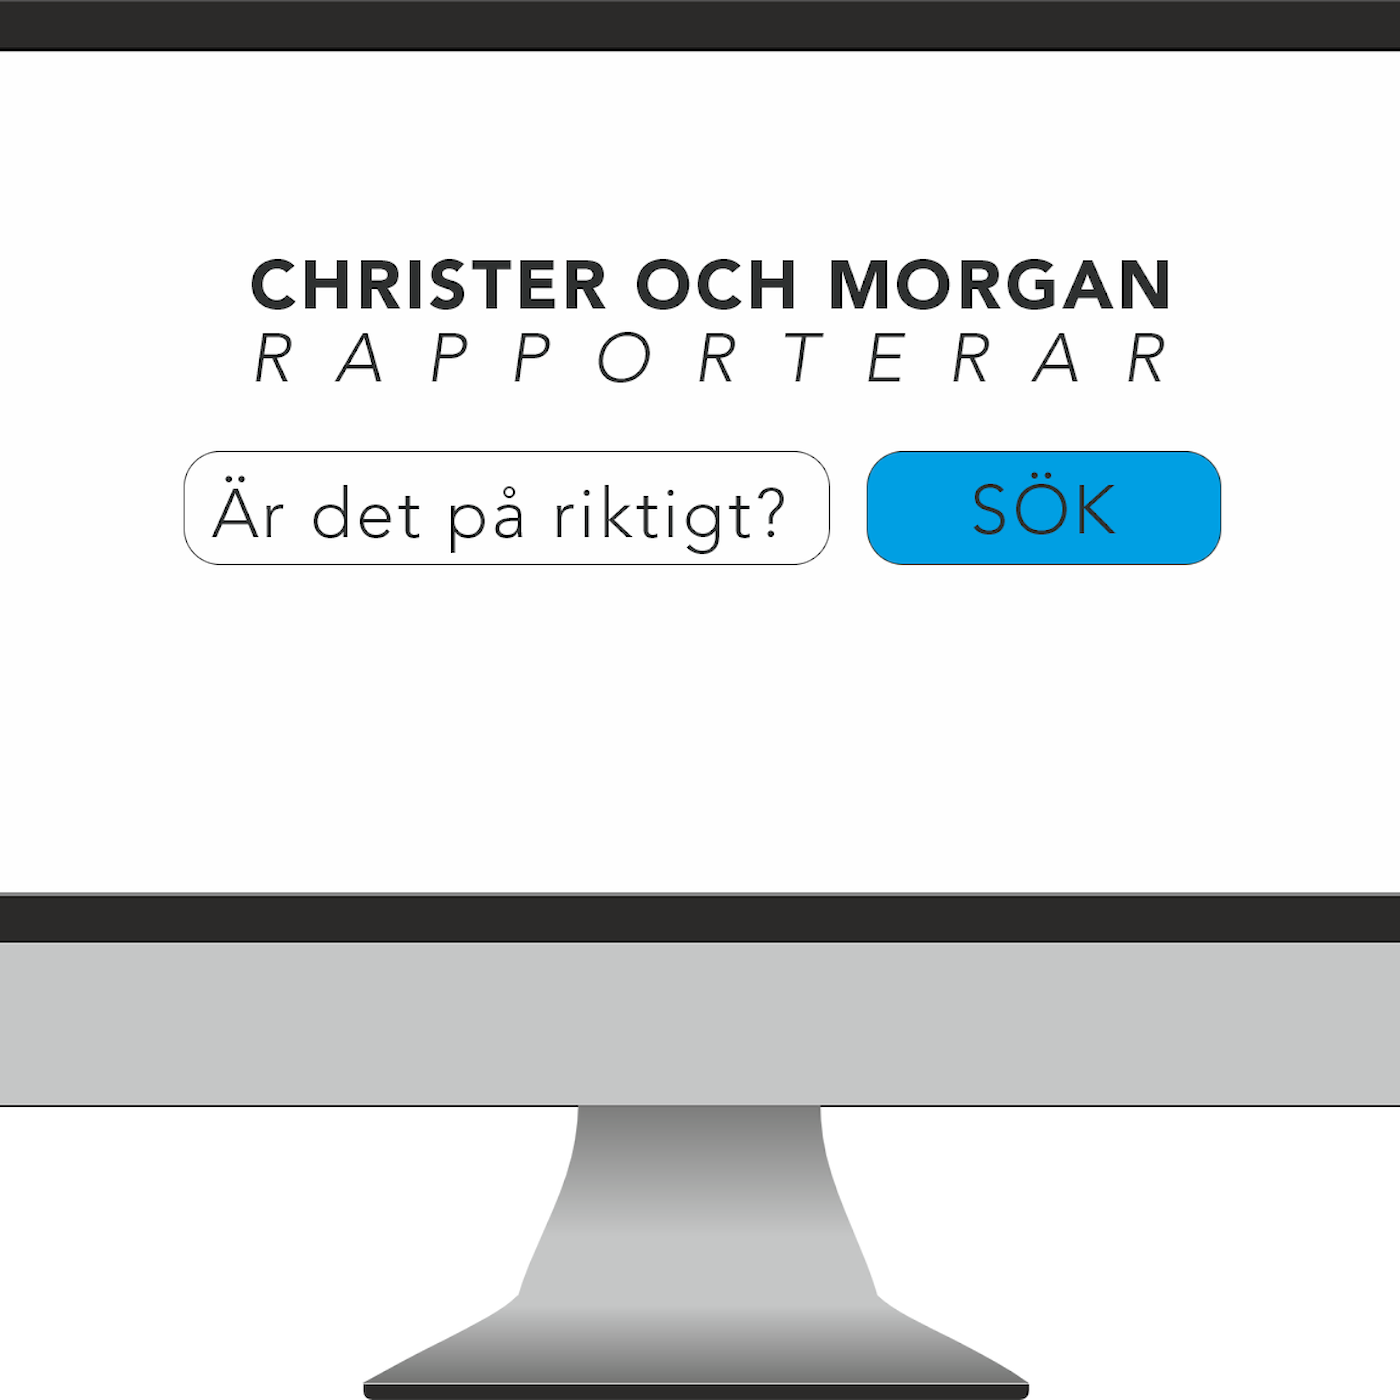 Christer och Morgan rapporterar